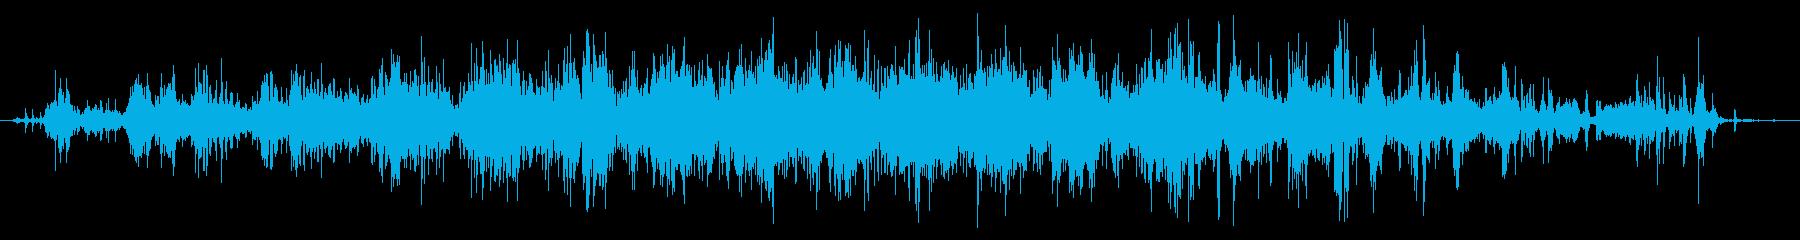 手動回転ハンドル鉛筆削り:ロングシャープの再生済みの波形